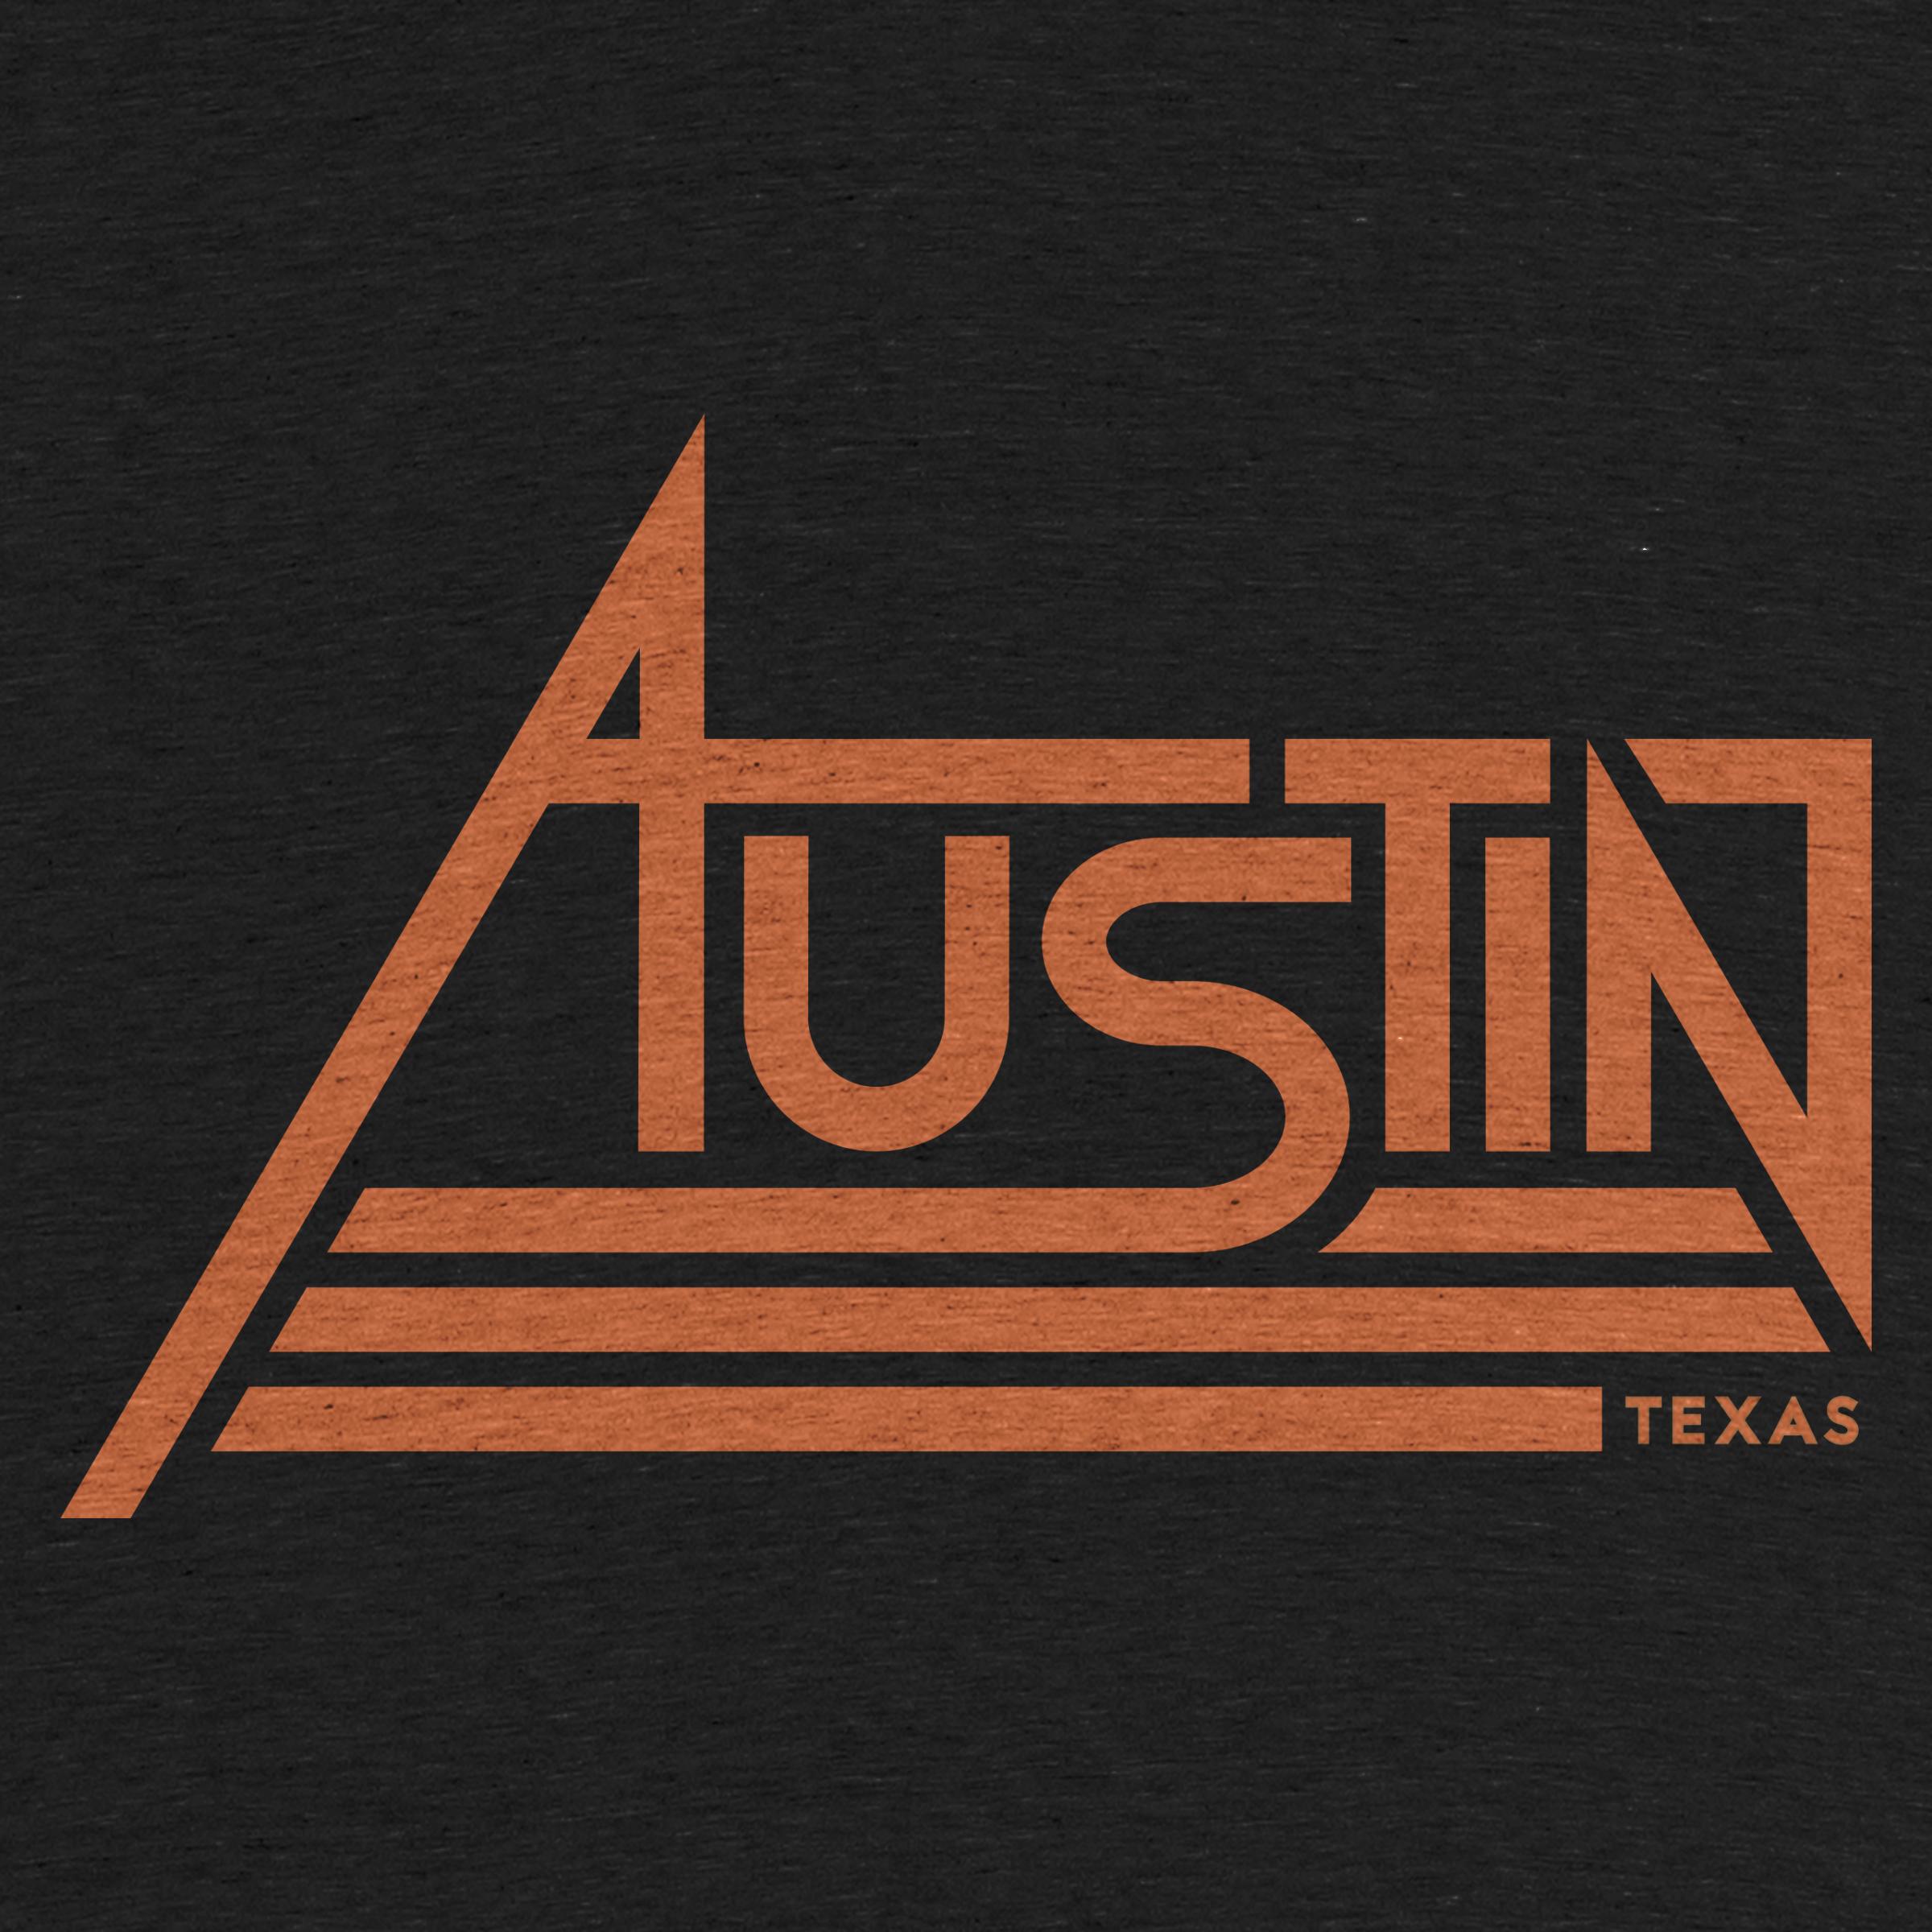 Keep Austin Rad